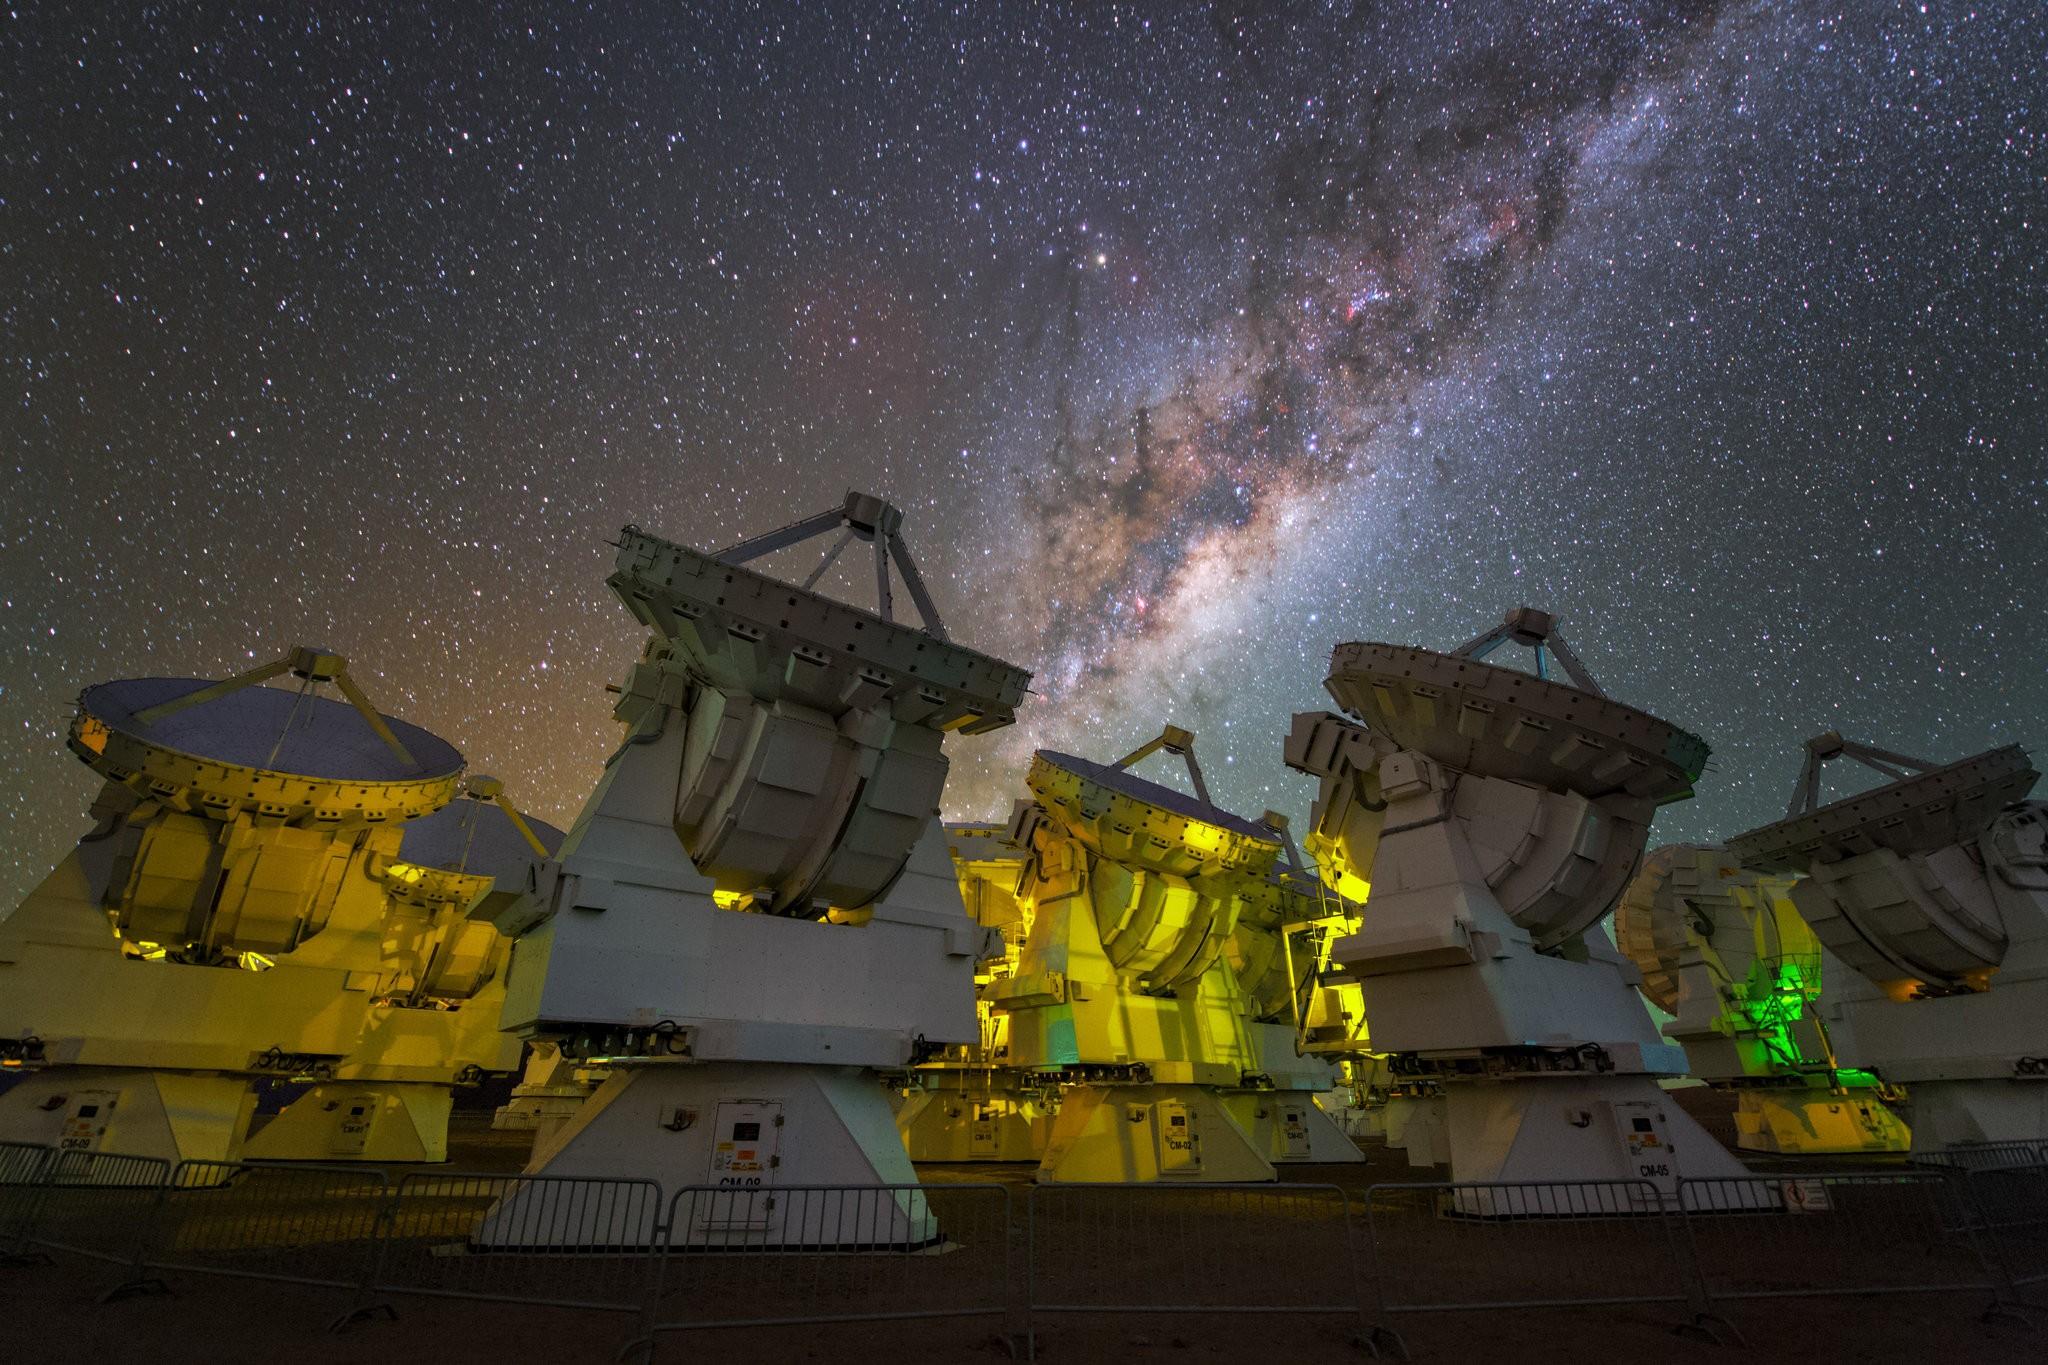 تليسكوبات لتصوير أثر الثقب الأسود